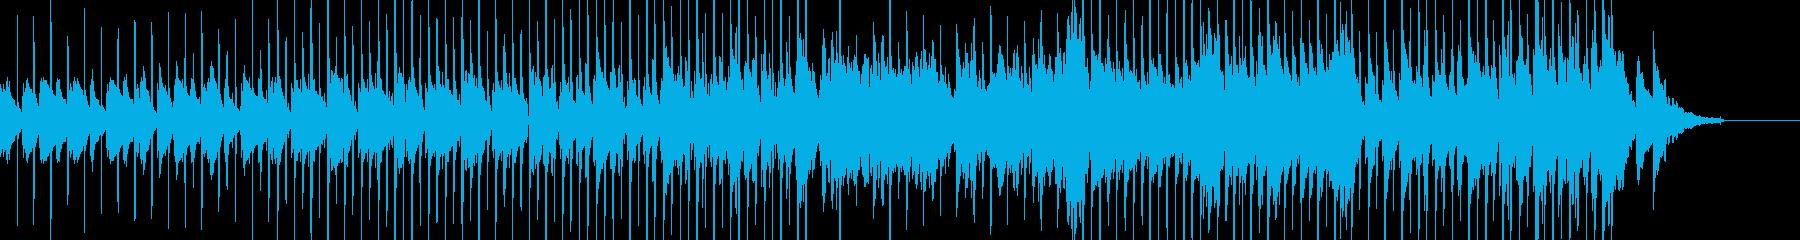 敵のアジトへ潜入するシーン ジャズ の再生済みの波形